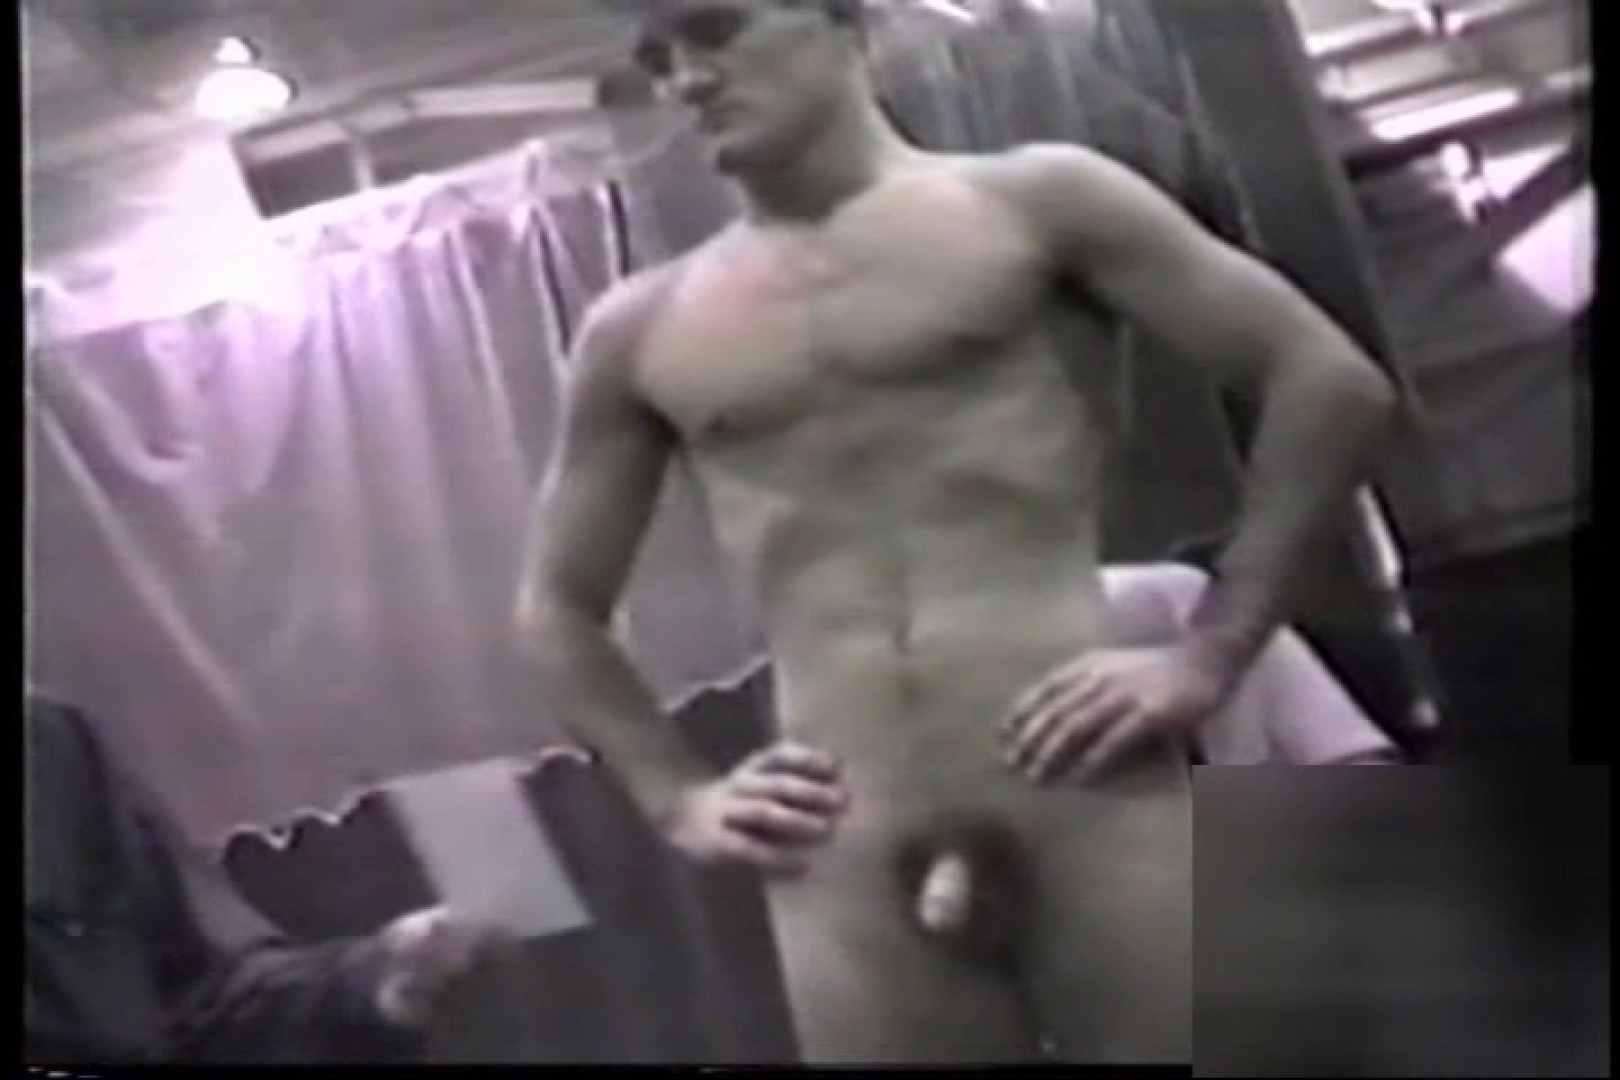 洋人さんの脱衣所を覗いてみました。VOL.5 ボーイズ覗き | ガチムチマッチョ系  80pic 69